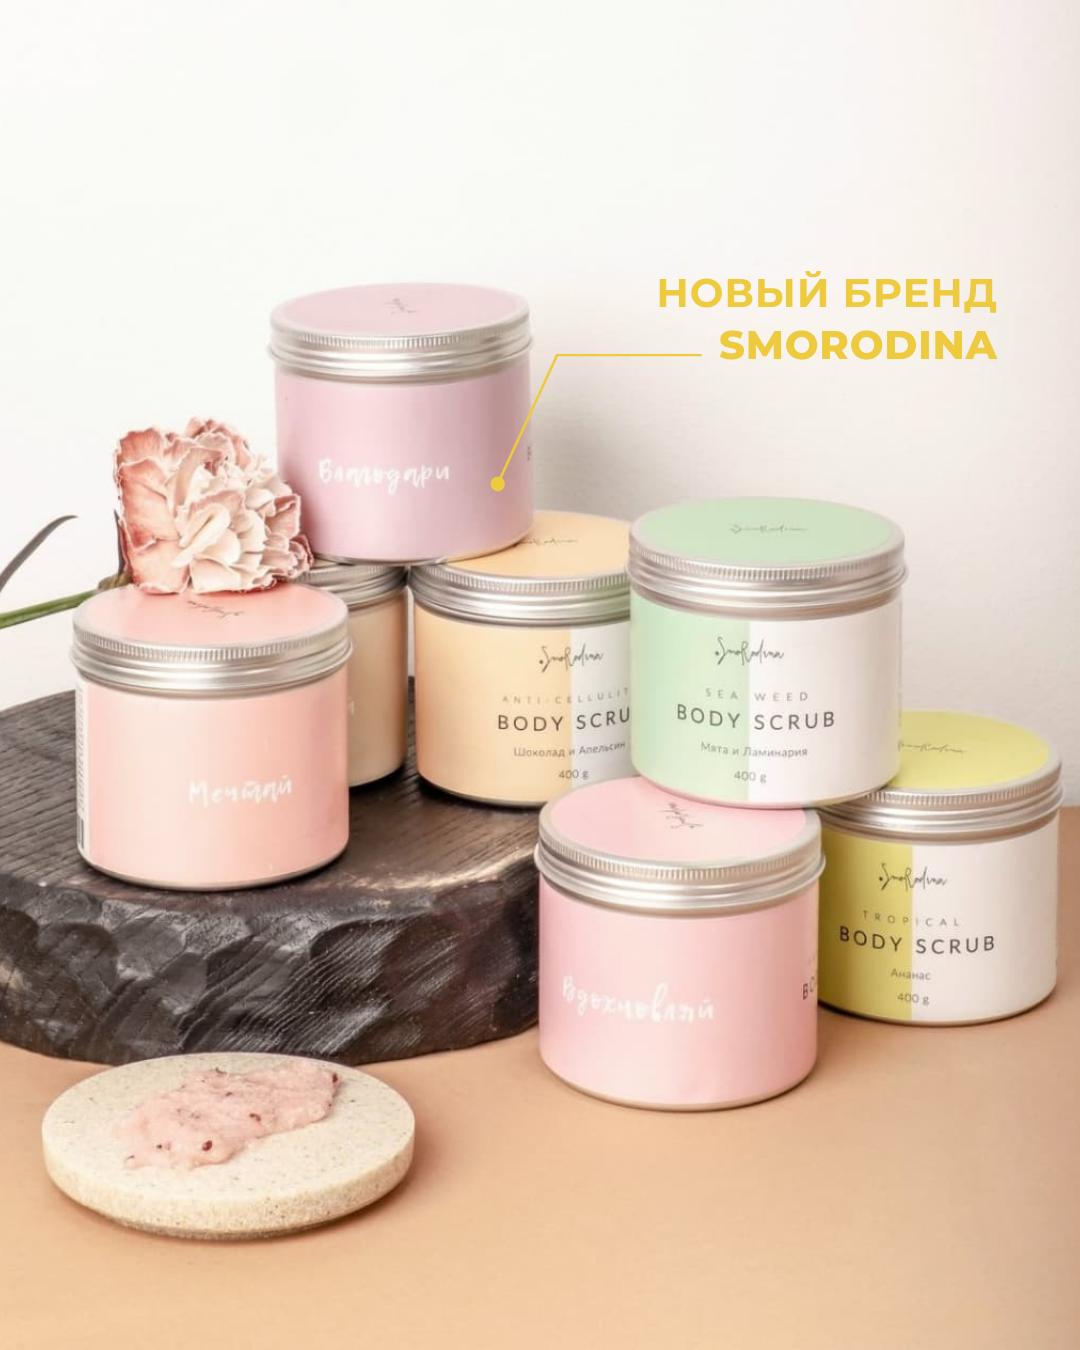 Новый бренд SmoRodina